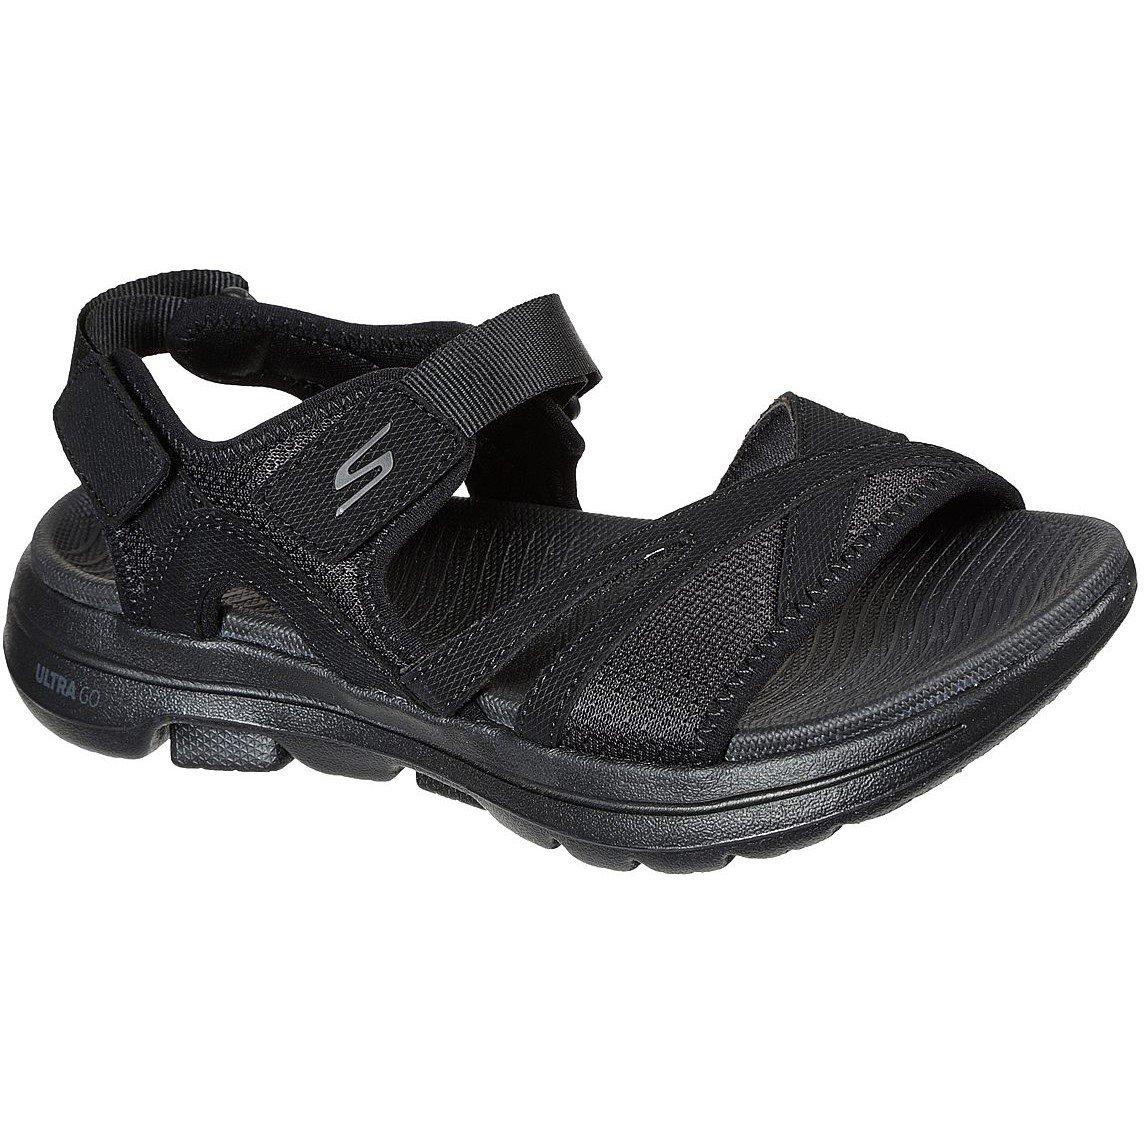 Skechers Women's Go Walk 5 Restored Summer Sandal Black 32155 - Black 3